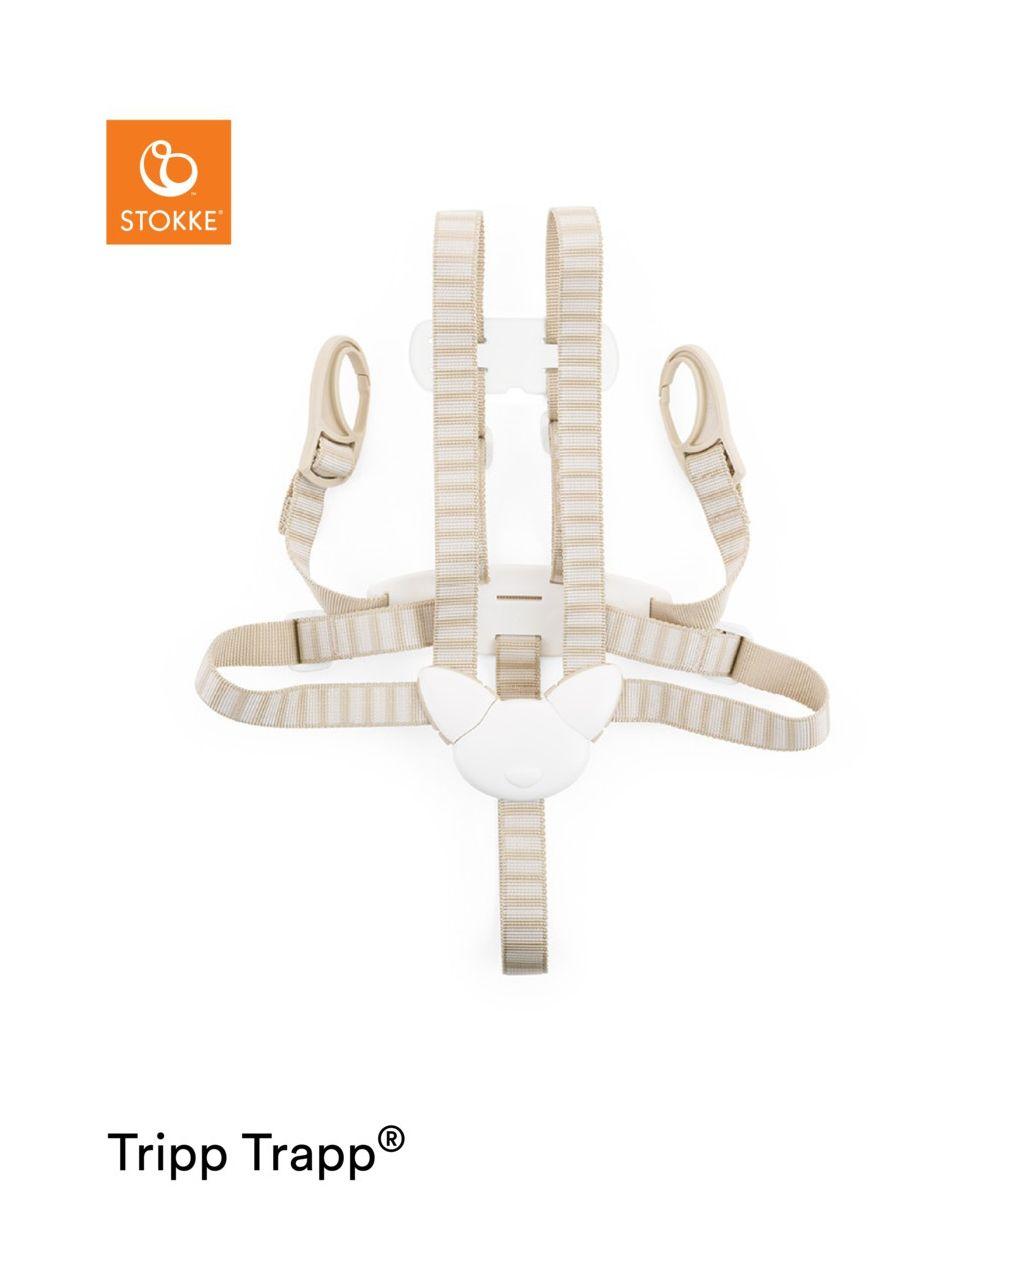 Cintos de segurança stokke® para tripp trapp® - Stokke